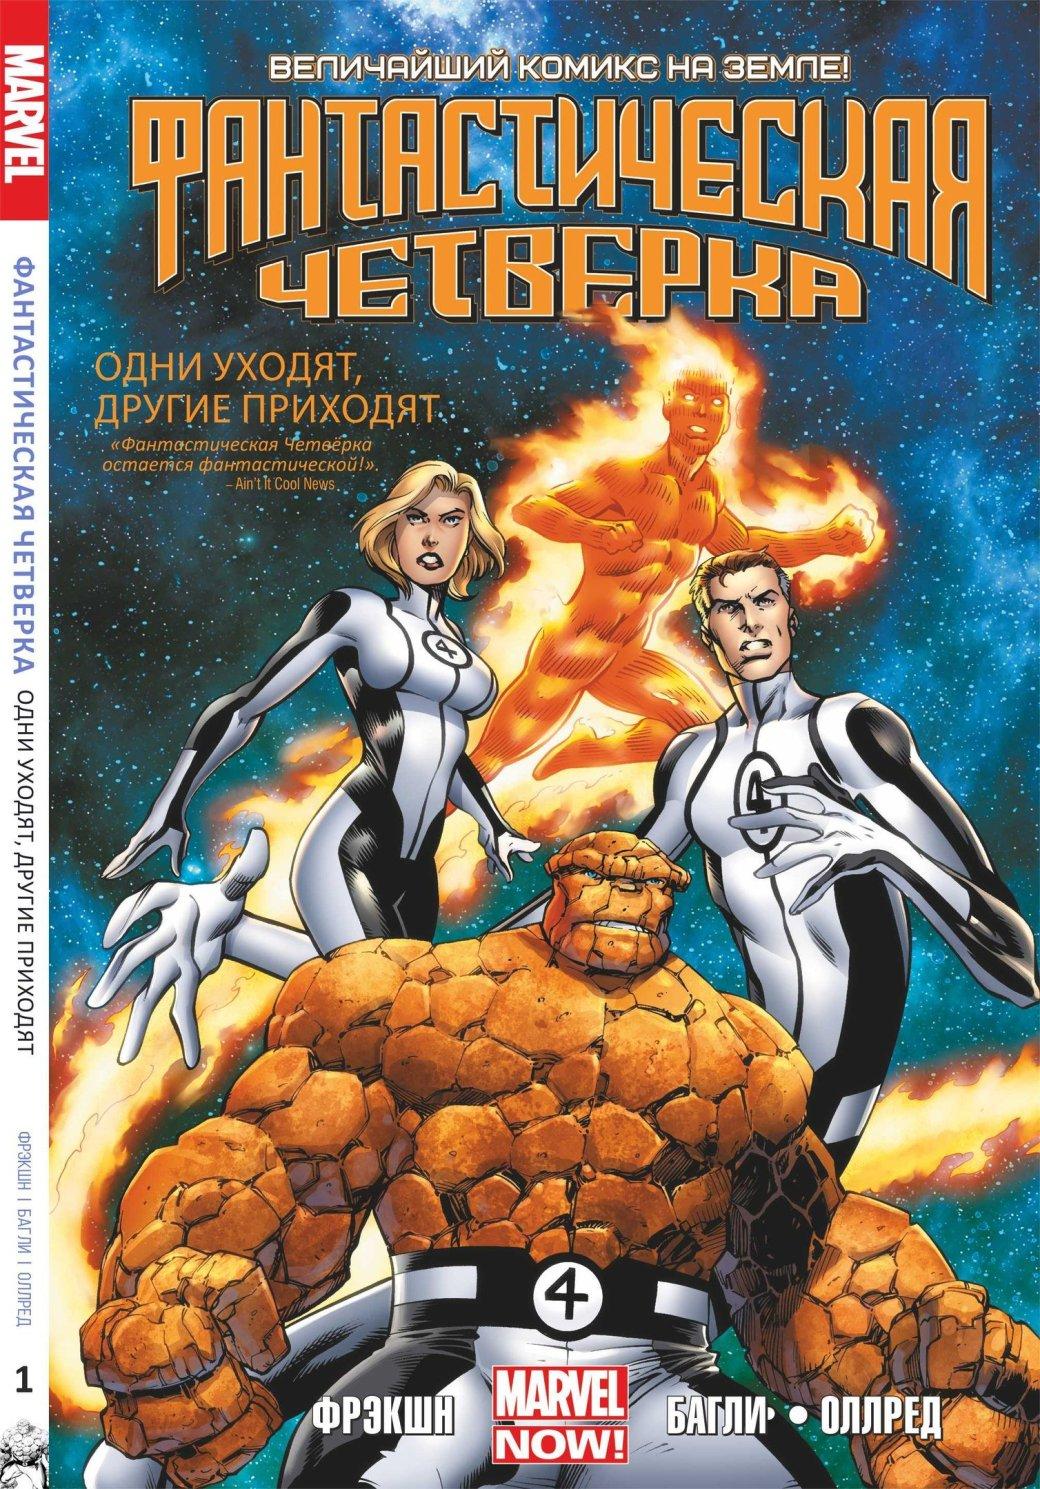 «Фантастическую четверку» выпустят на русском издатели из Казахстана | Канобу - Изображение 7439